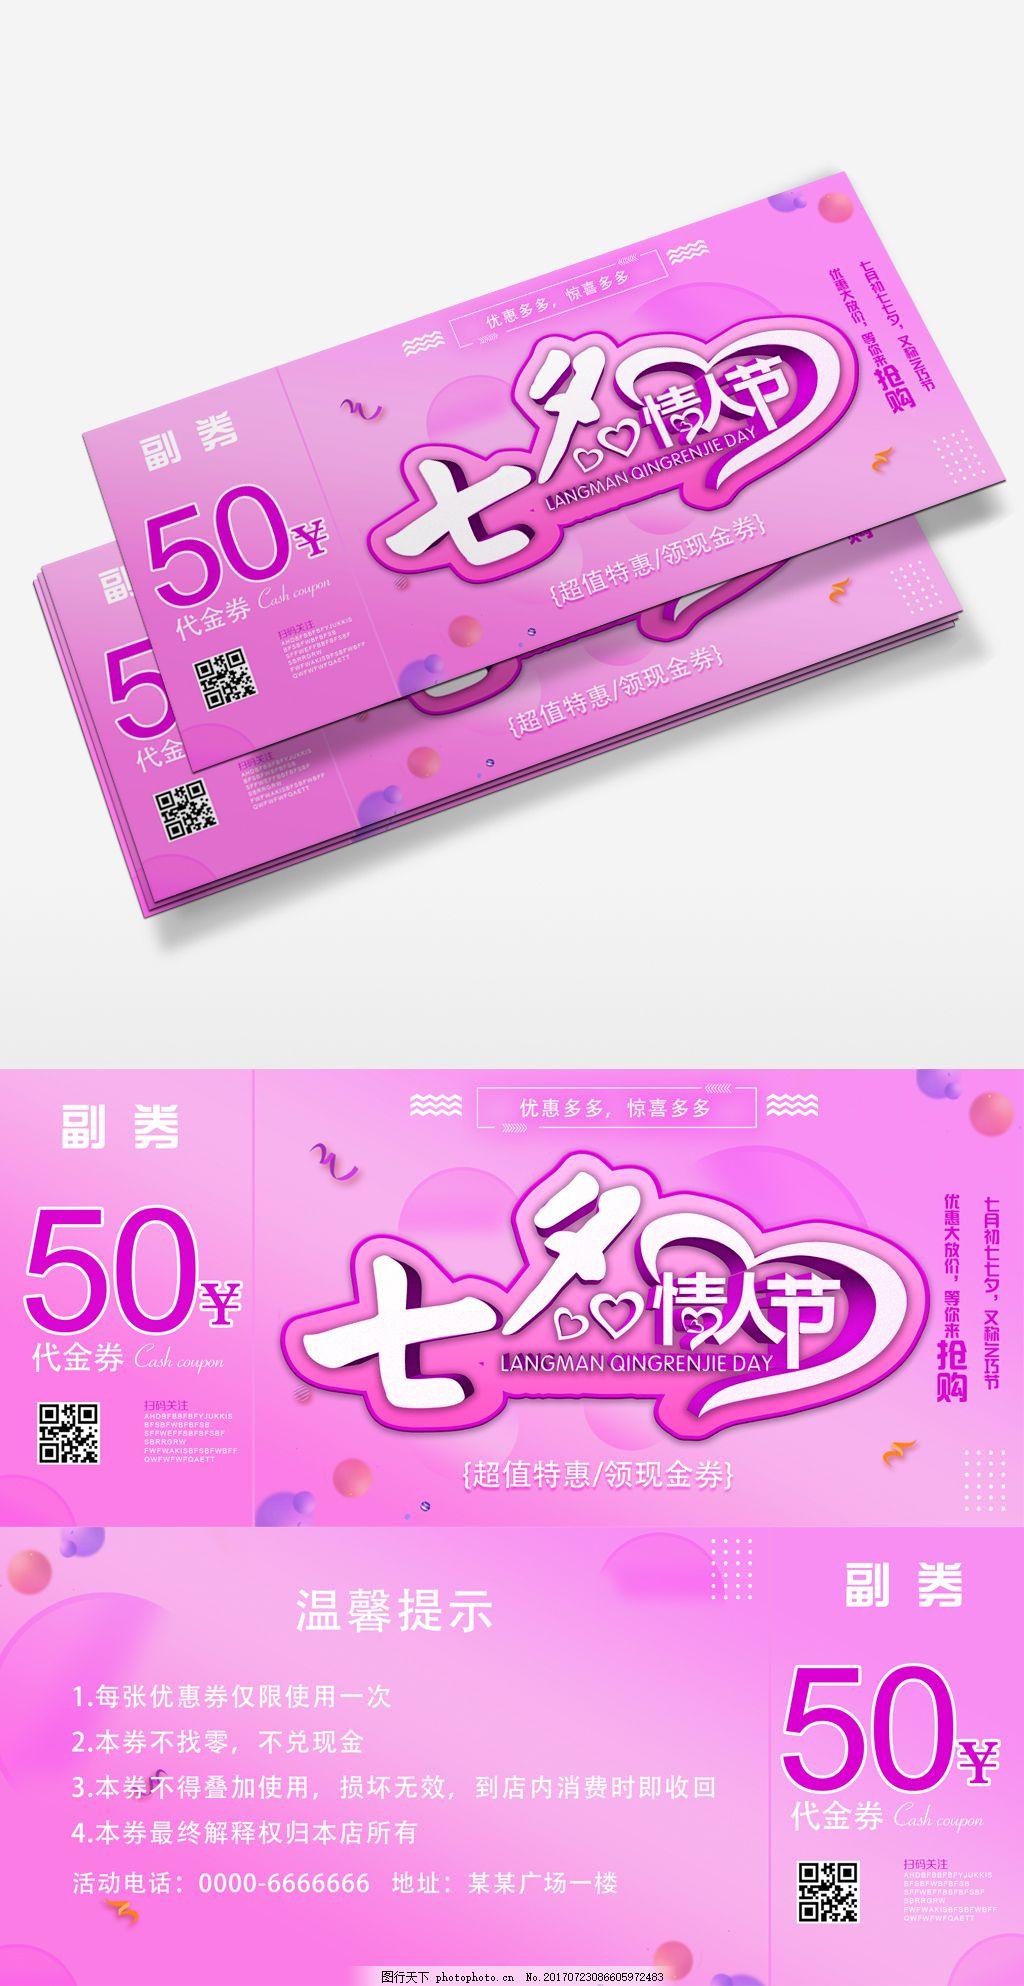 紫色促销宣传七夕优惠券代金券